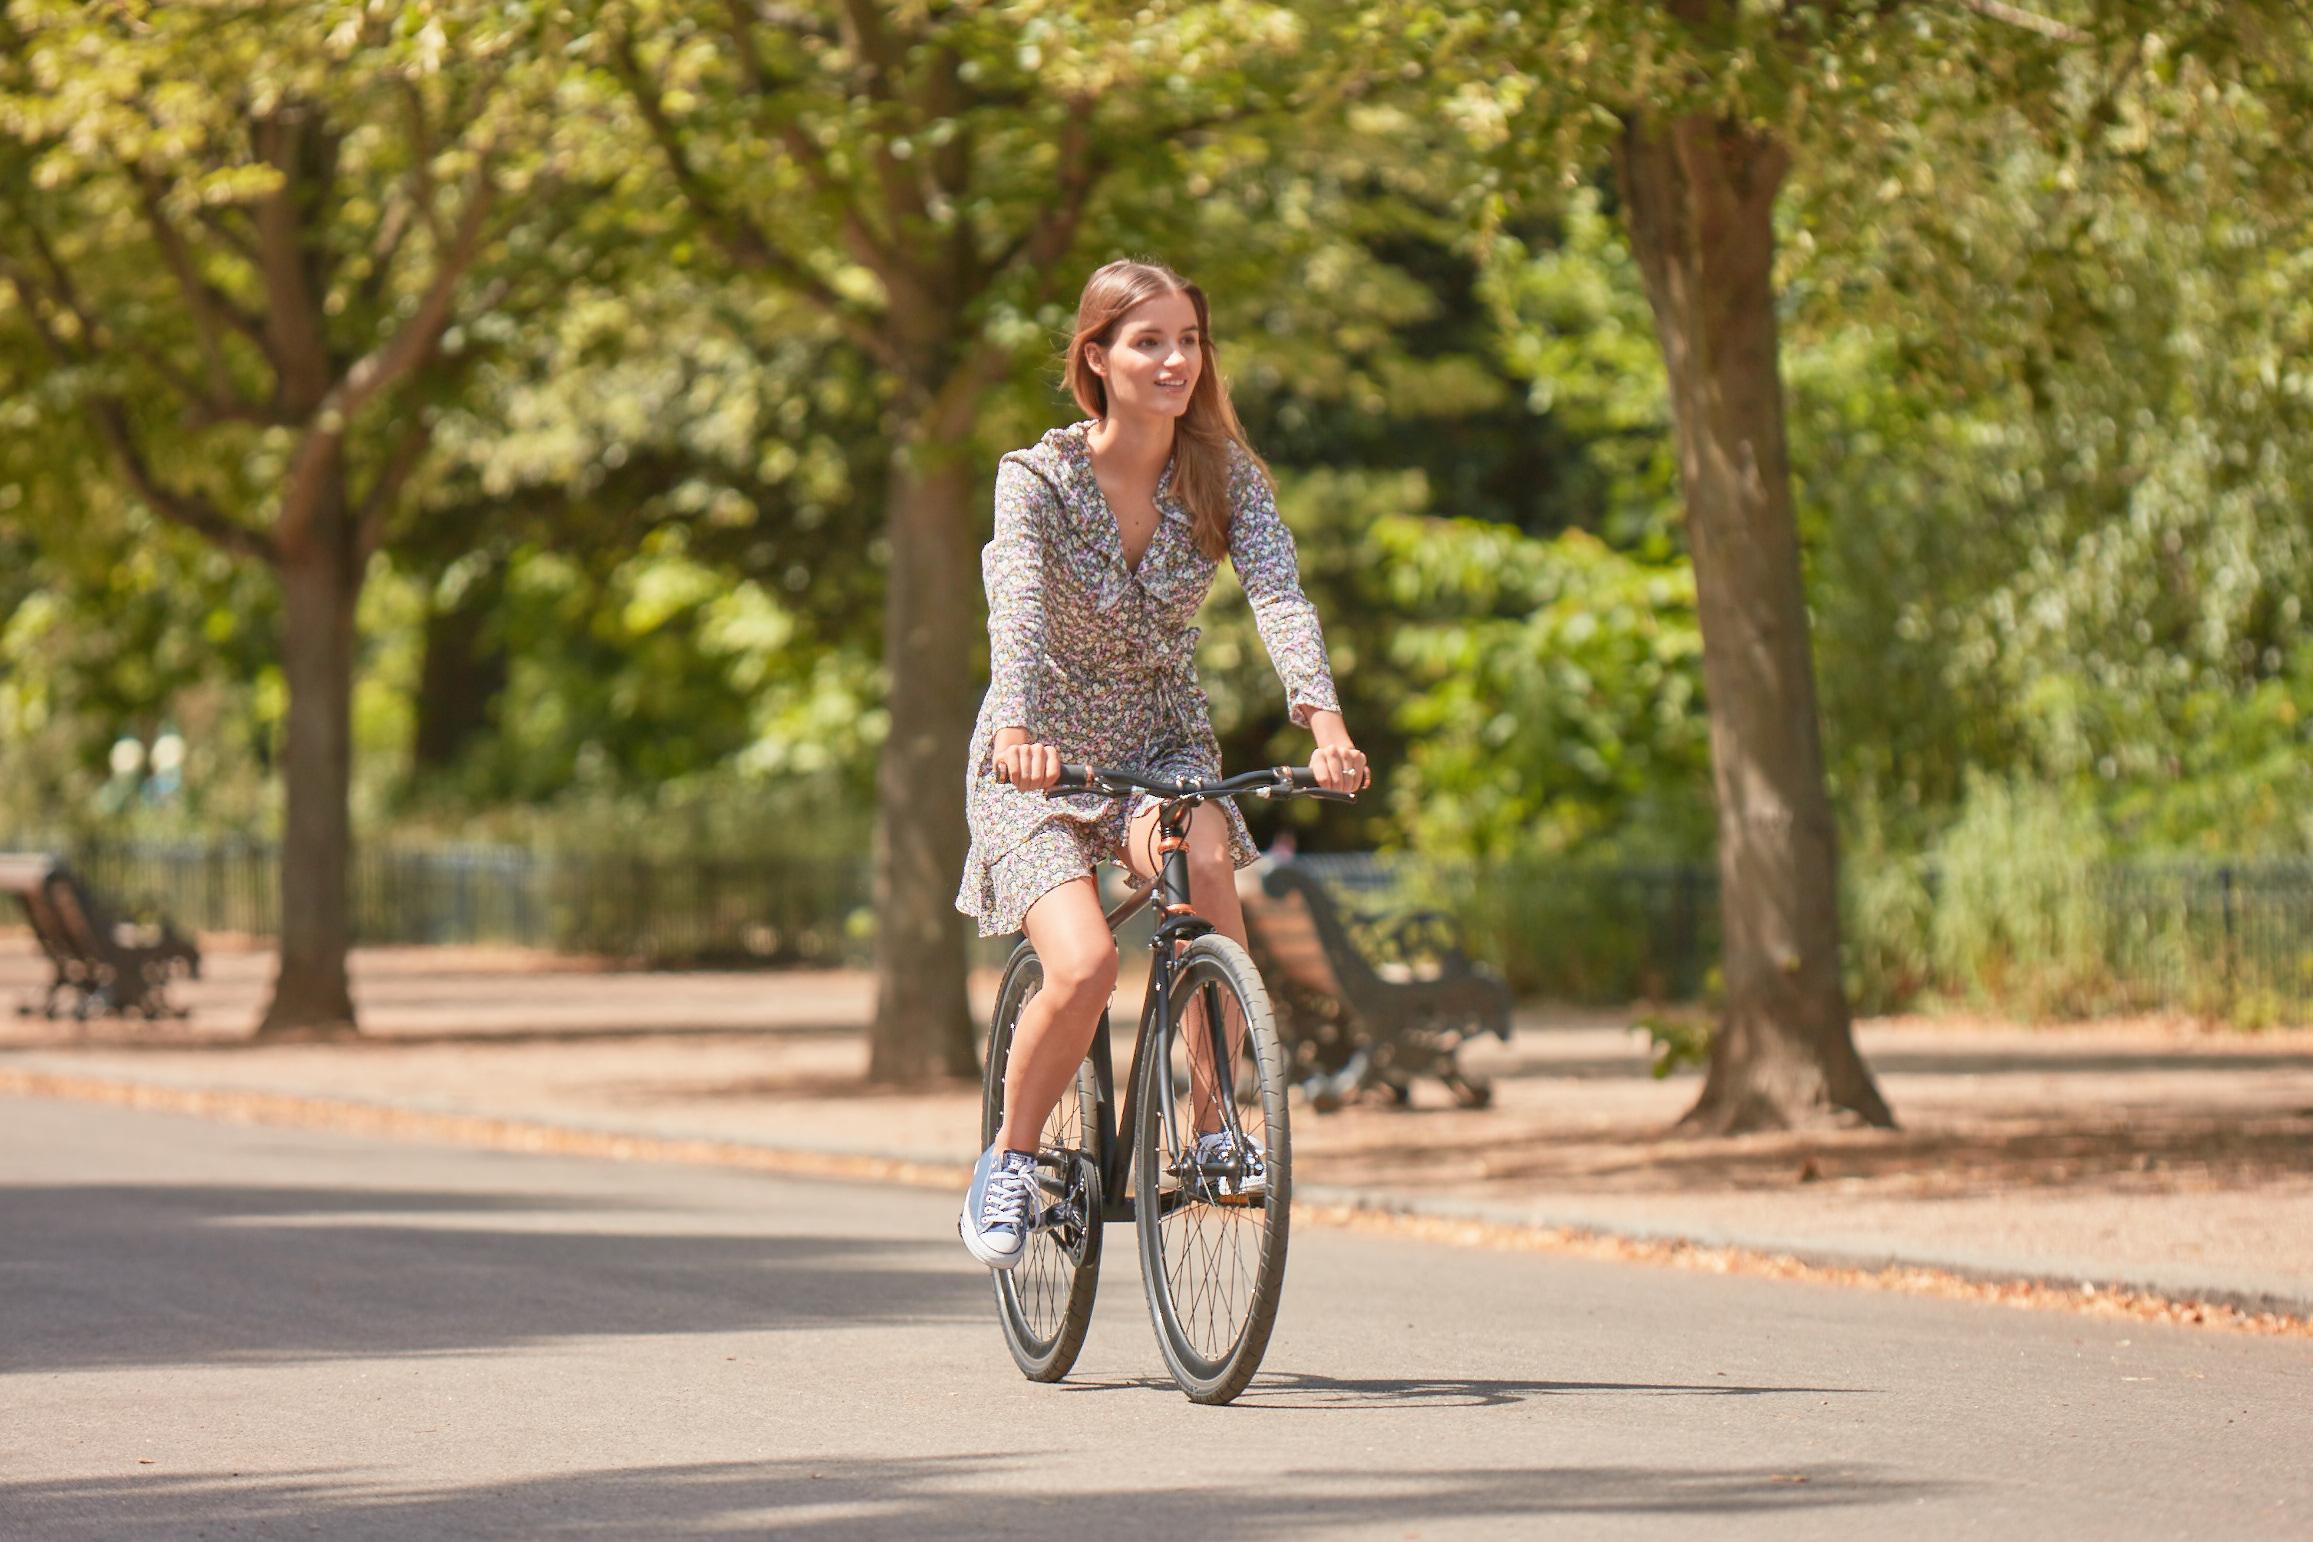 170626_ROL_MODOL_Cycling_Park_0502.jpg